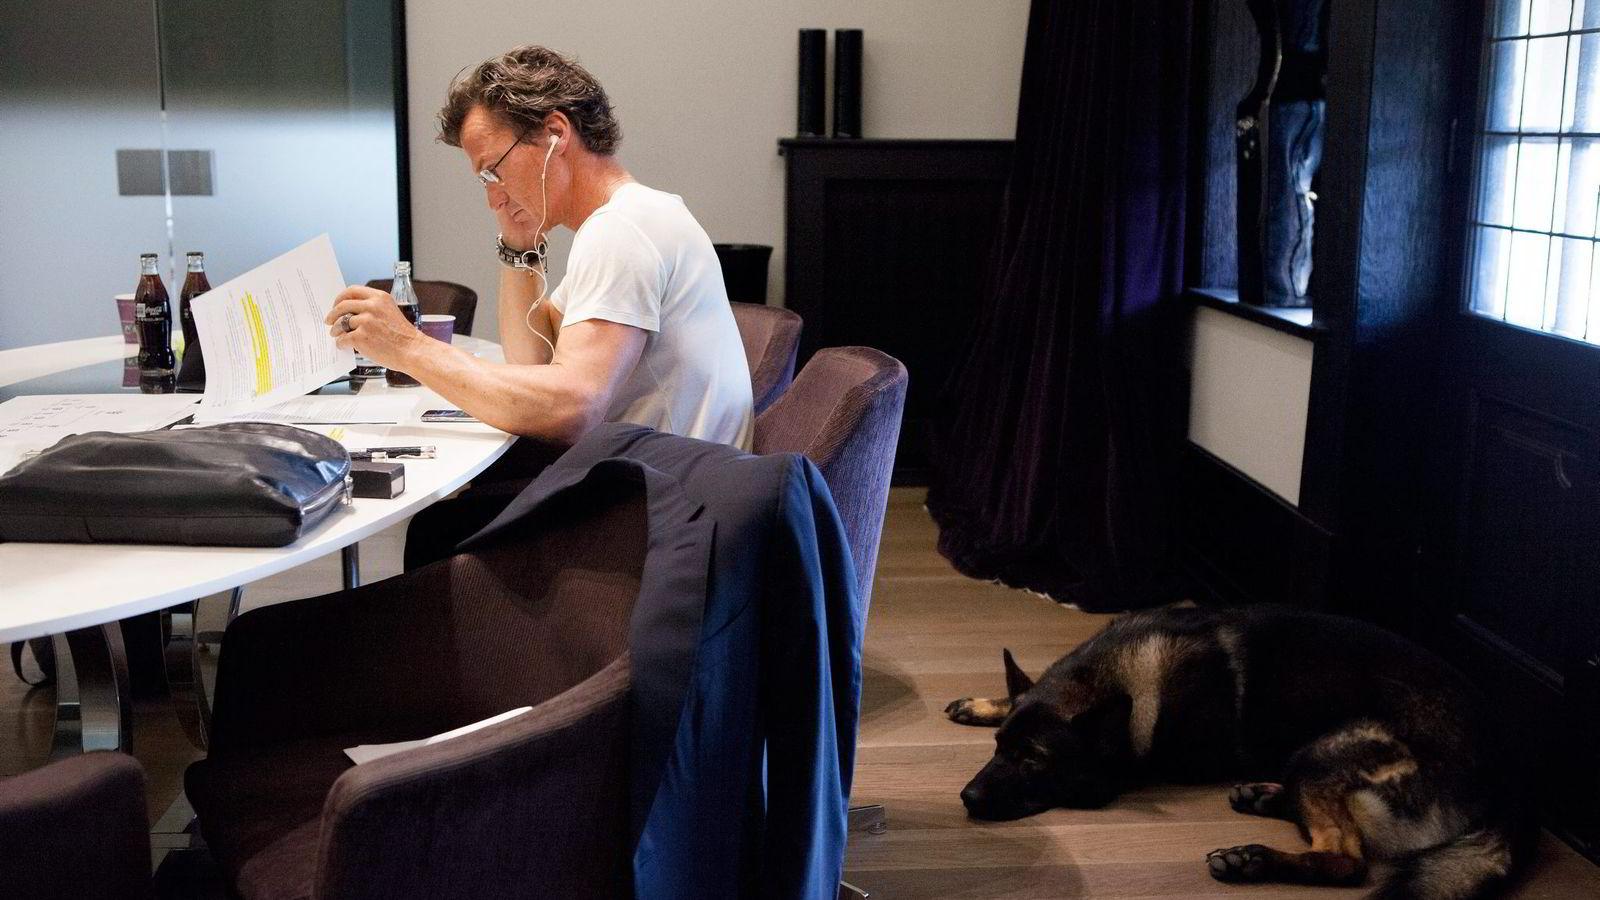 Petter Stordalen i Choice hovedkontor Fredrik Stangsgate, Oslo. Fotografert under intervju med DN ifm omstrukturering av egne selskaper. Foto: